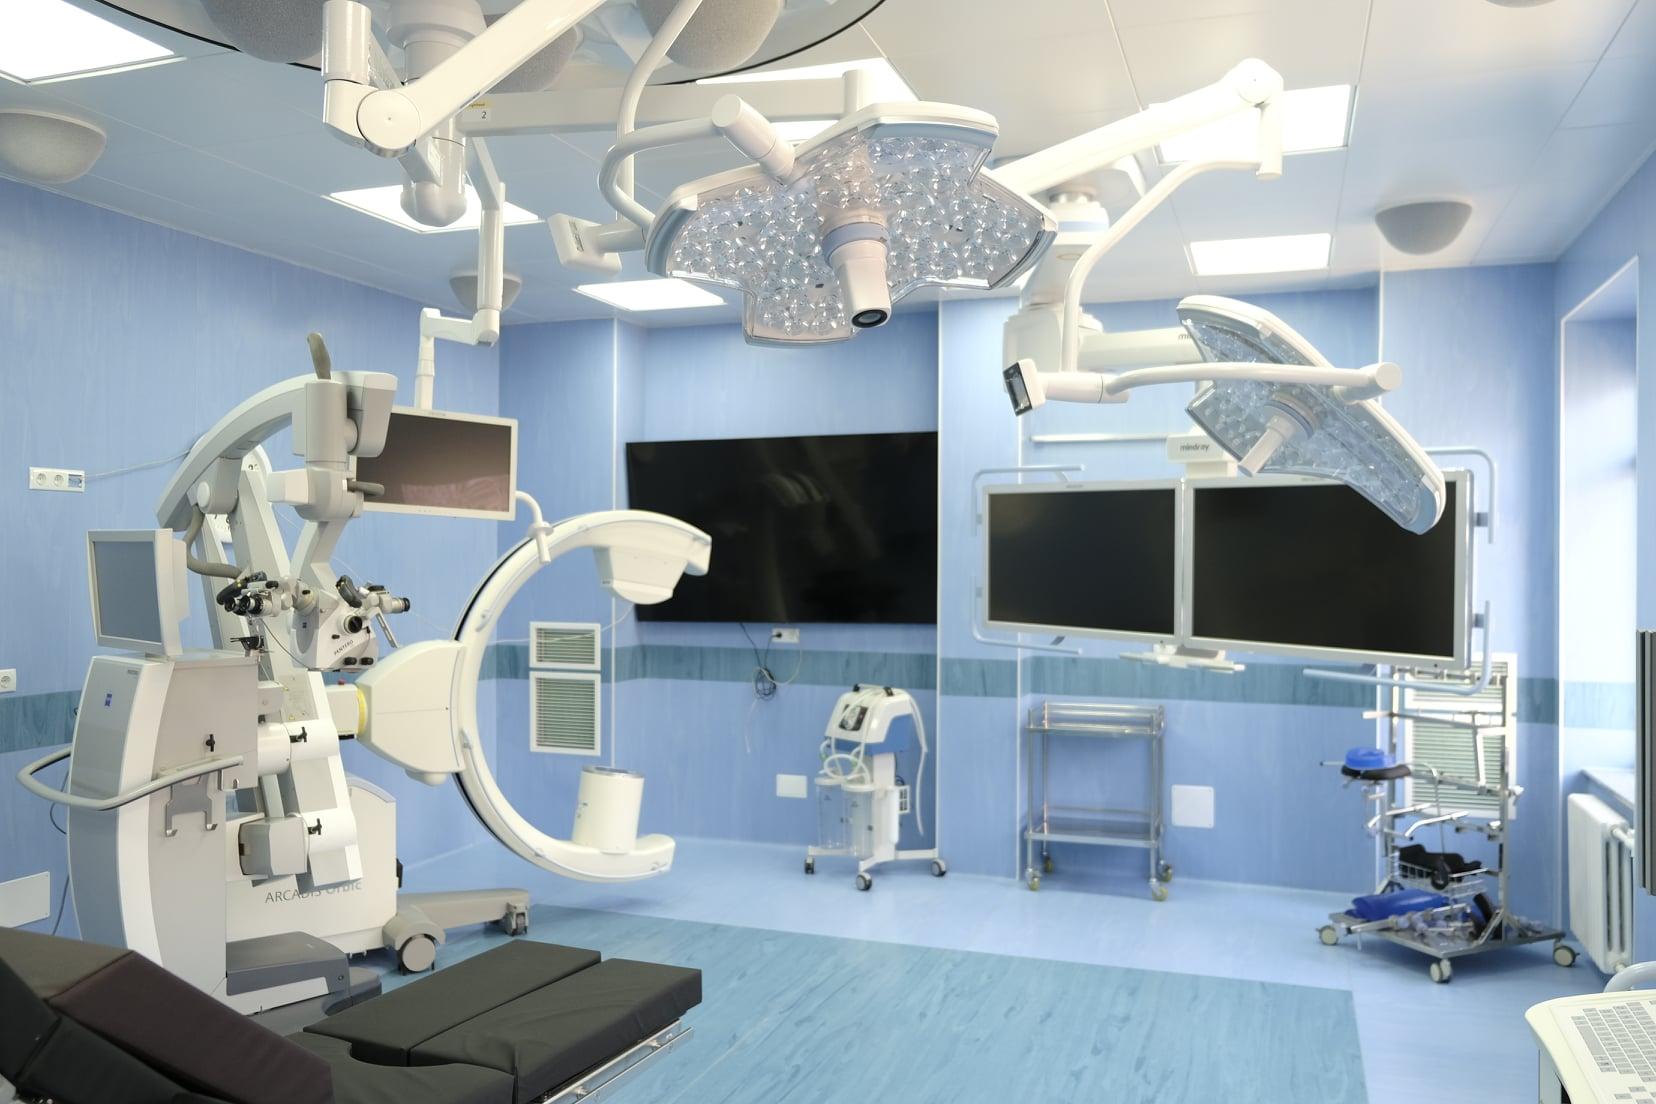 Foto: O nouă sală de operații, dotată cu aparataj medical modern, a fost inaugurată la Institutul de Neurologie și Neurochirurgie din Chișinău